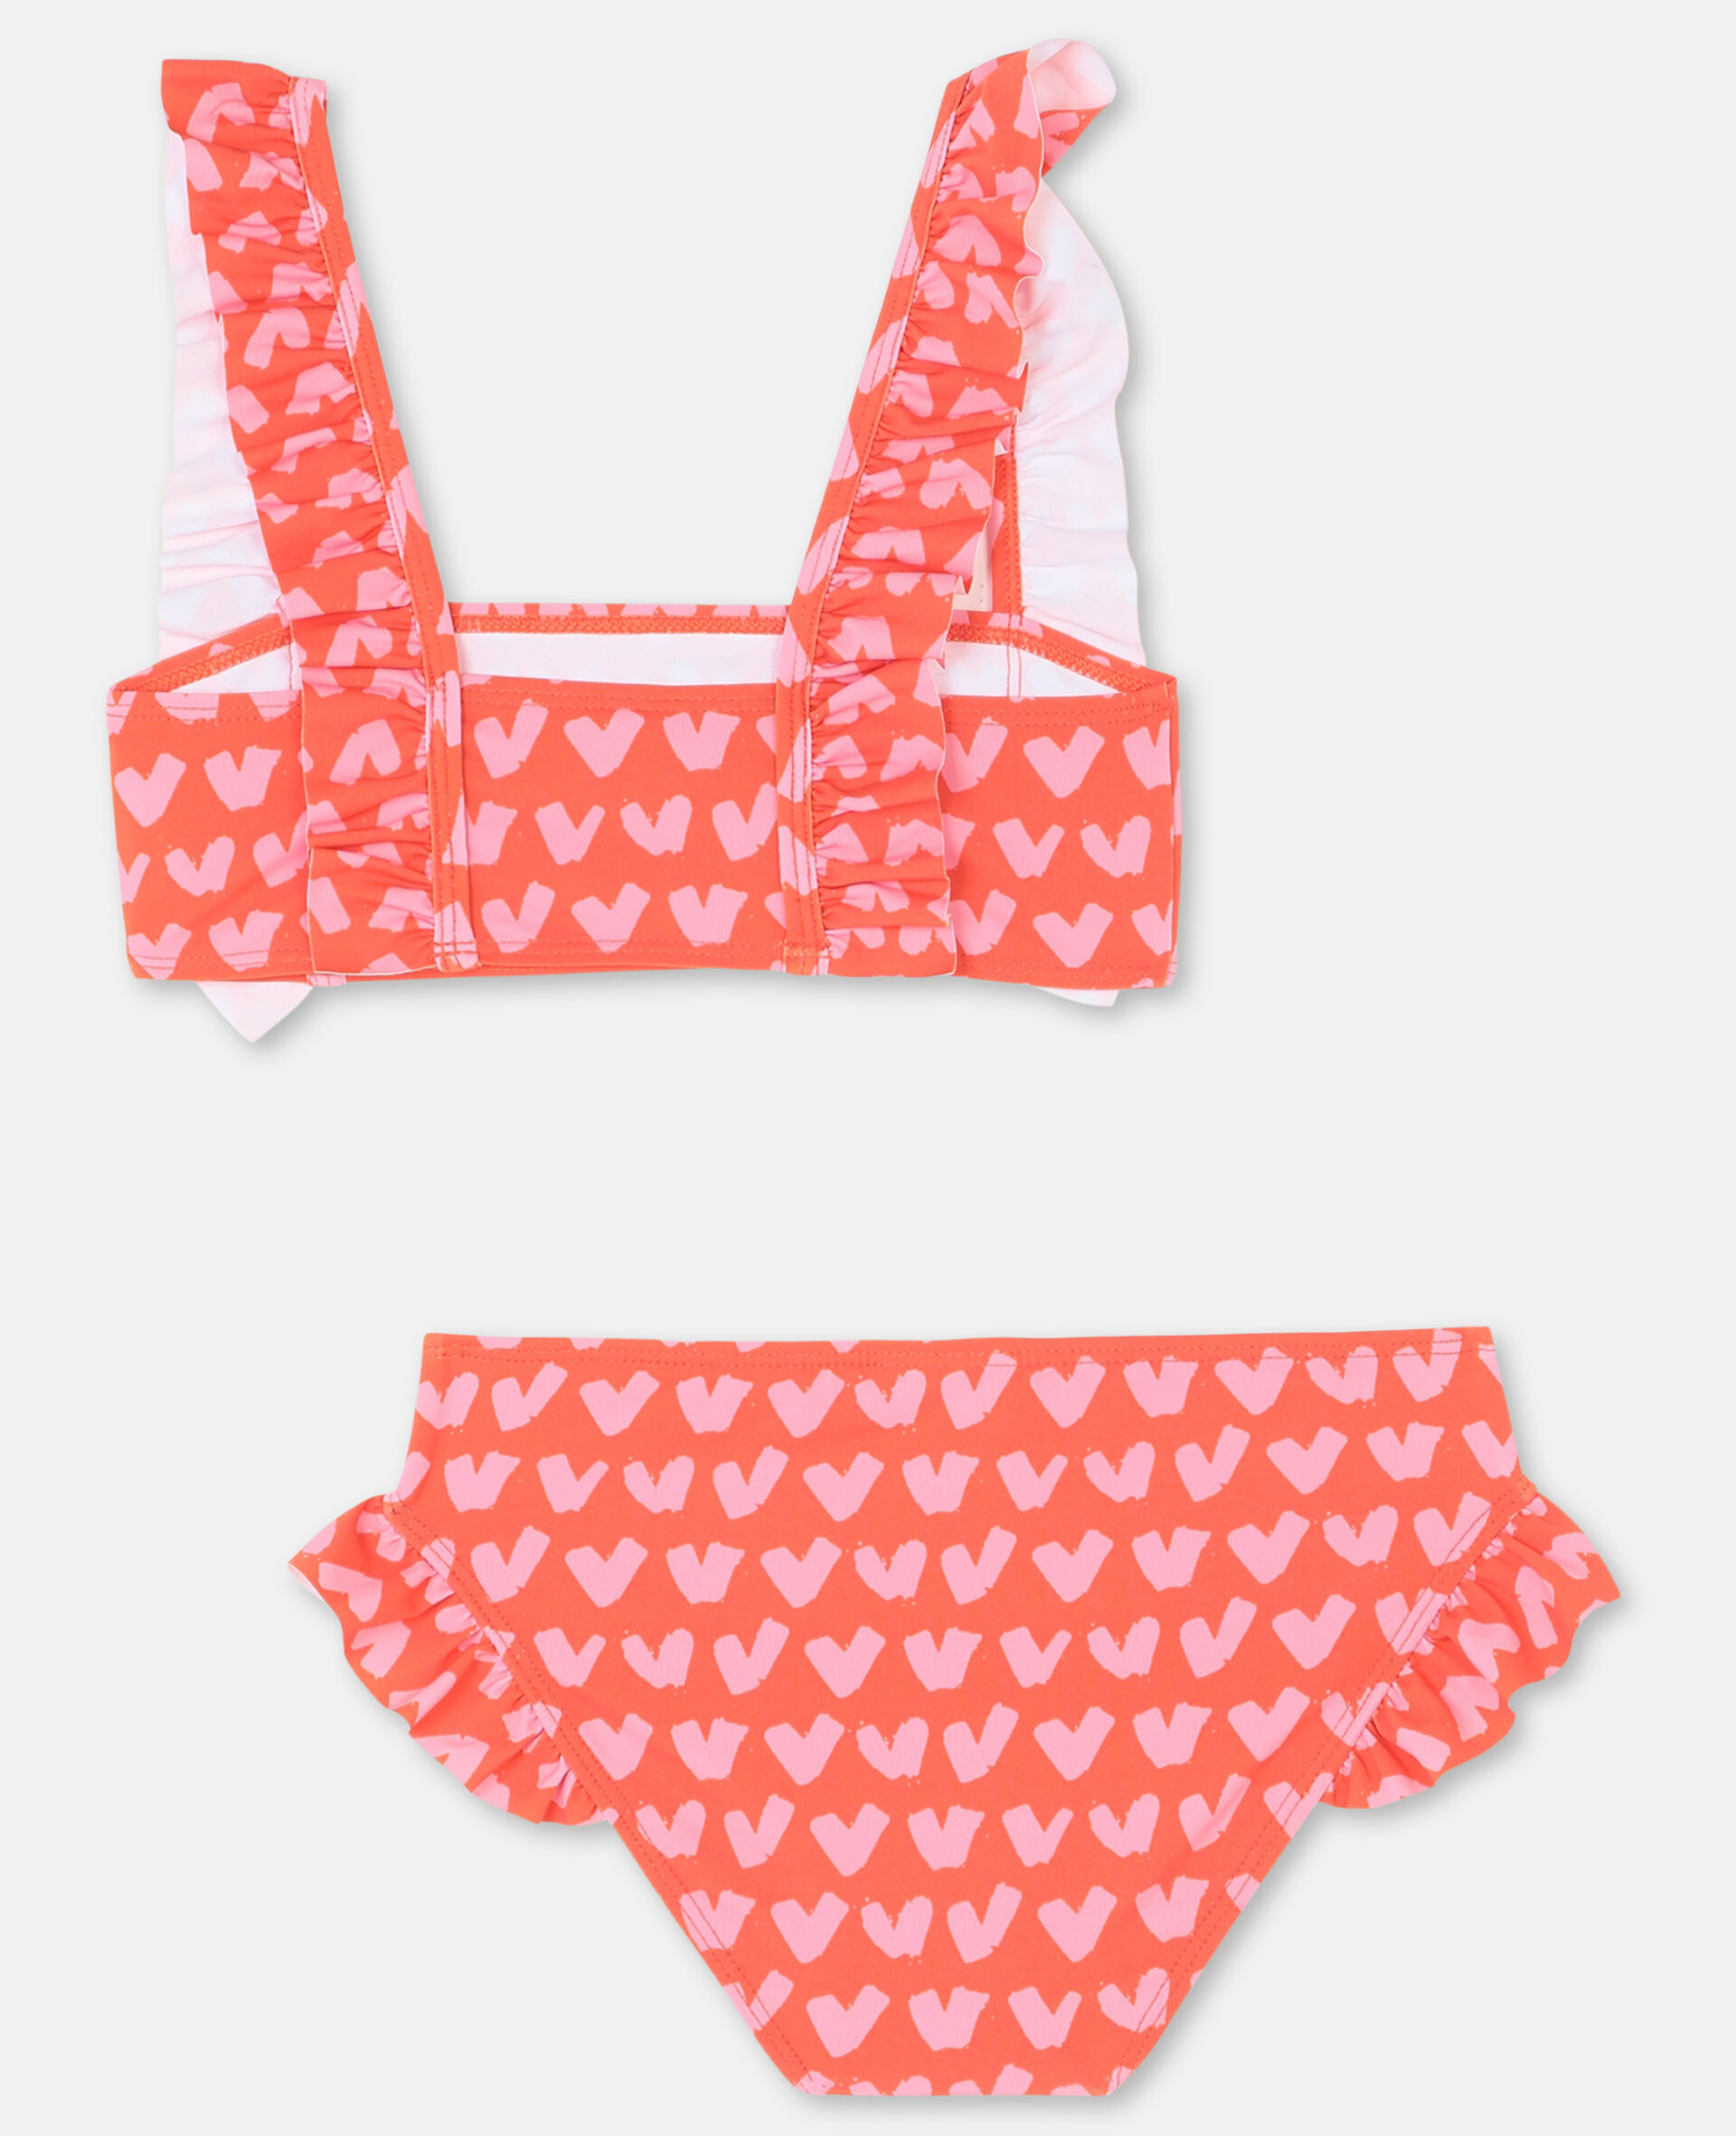 Maillot de bain rouge avec motif cœurs -Rouge-large image number 4